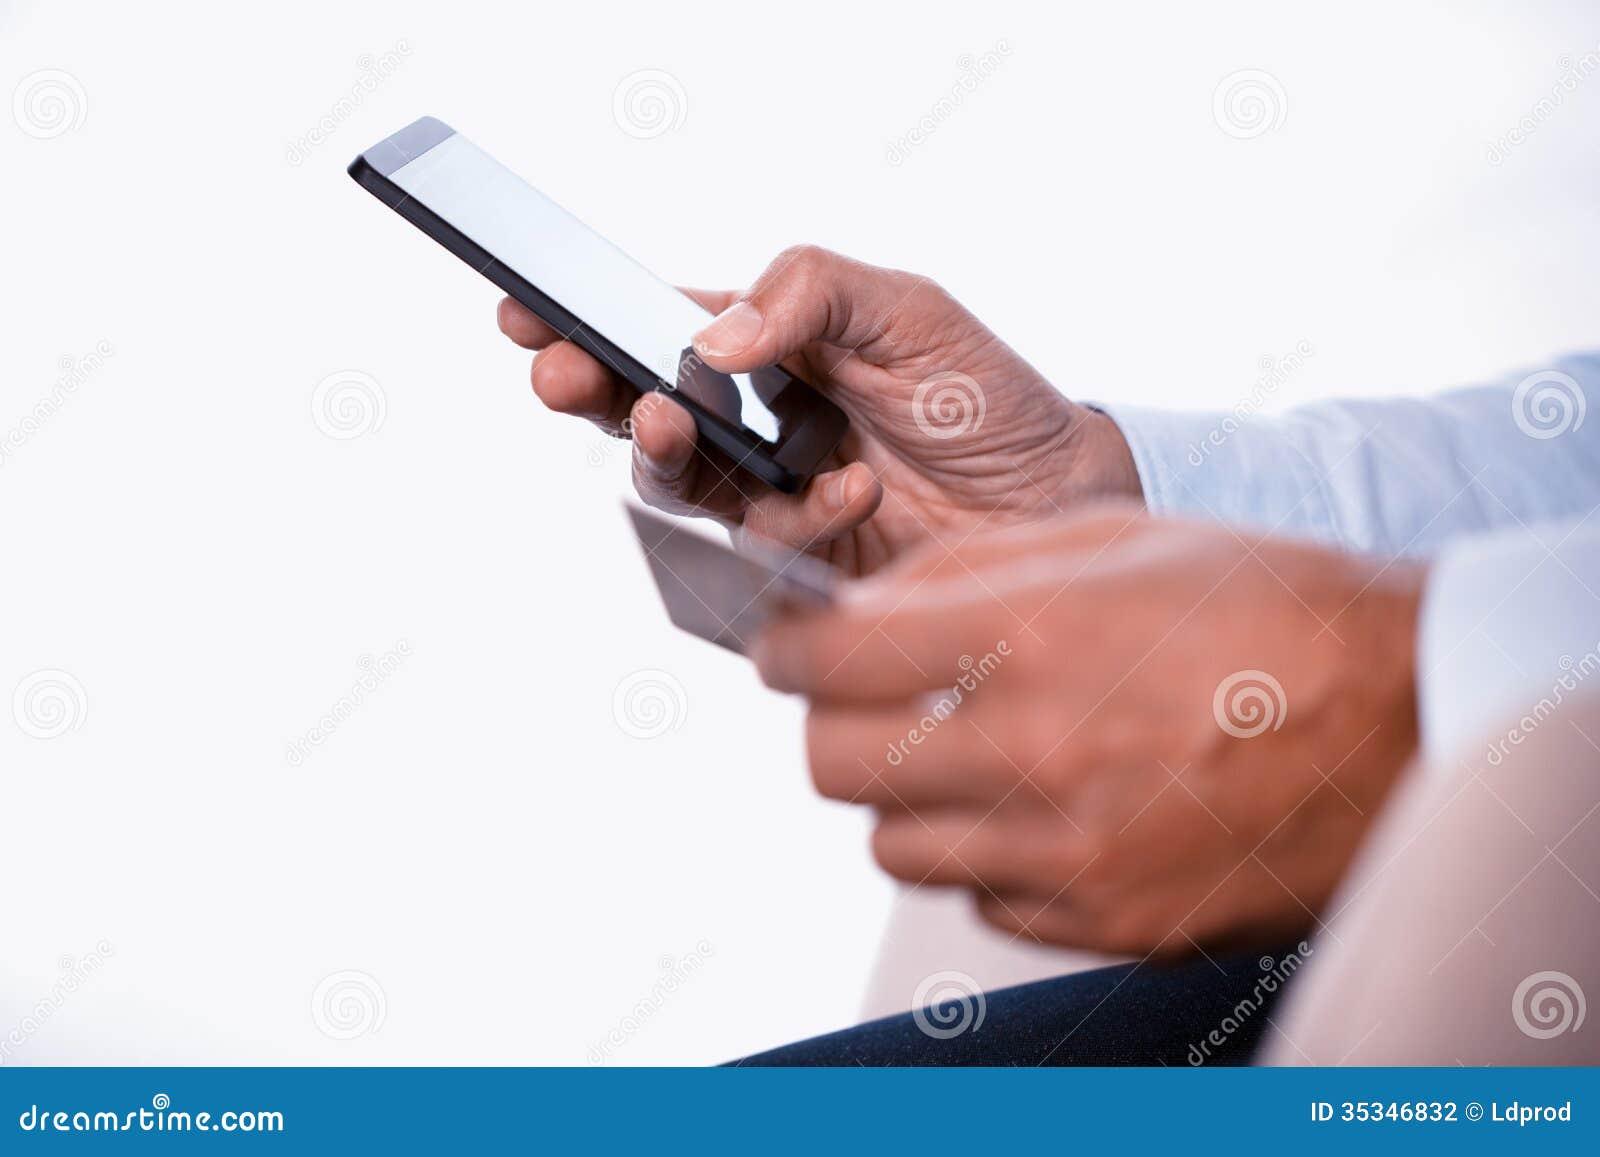 where find pdf in phone